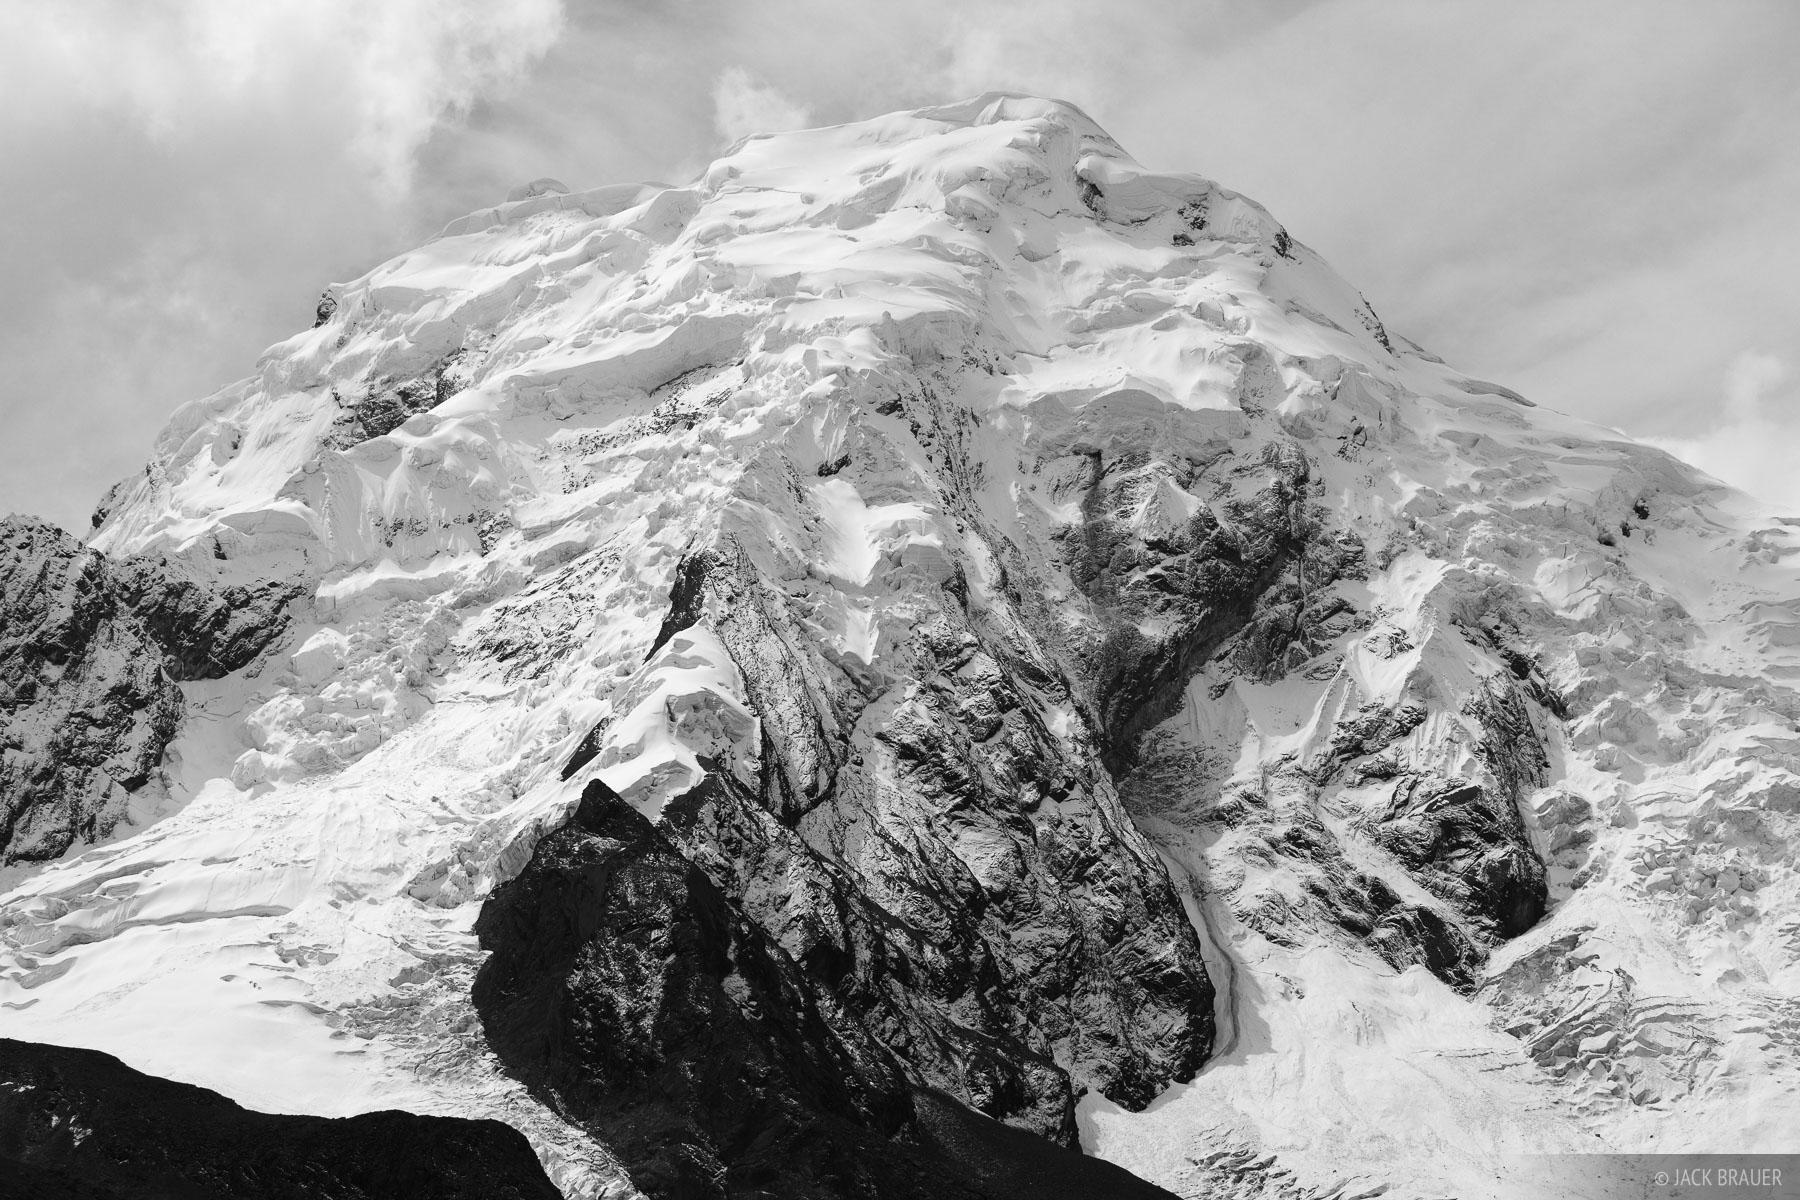 Nevado Pucaranra, Cordillera Blanca, Peru, glaciers, photo